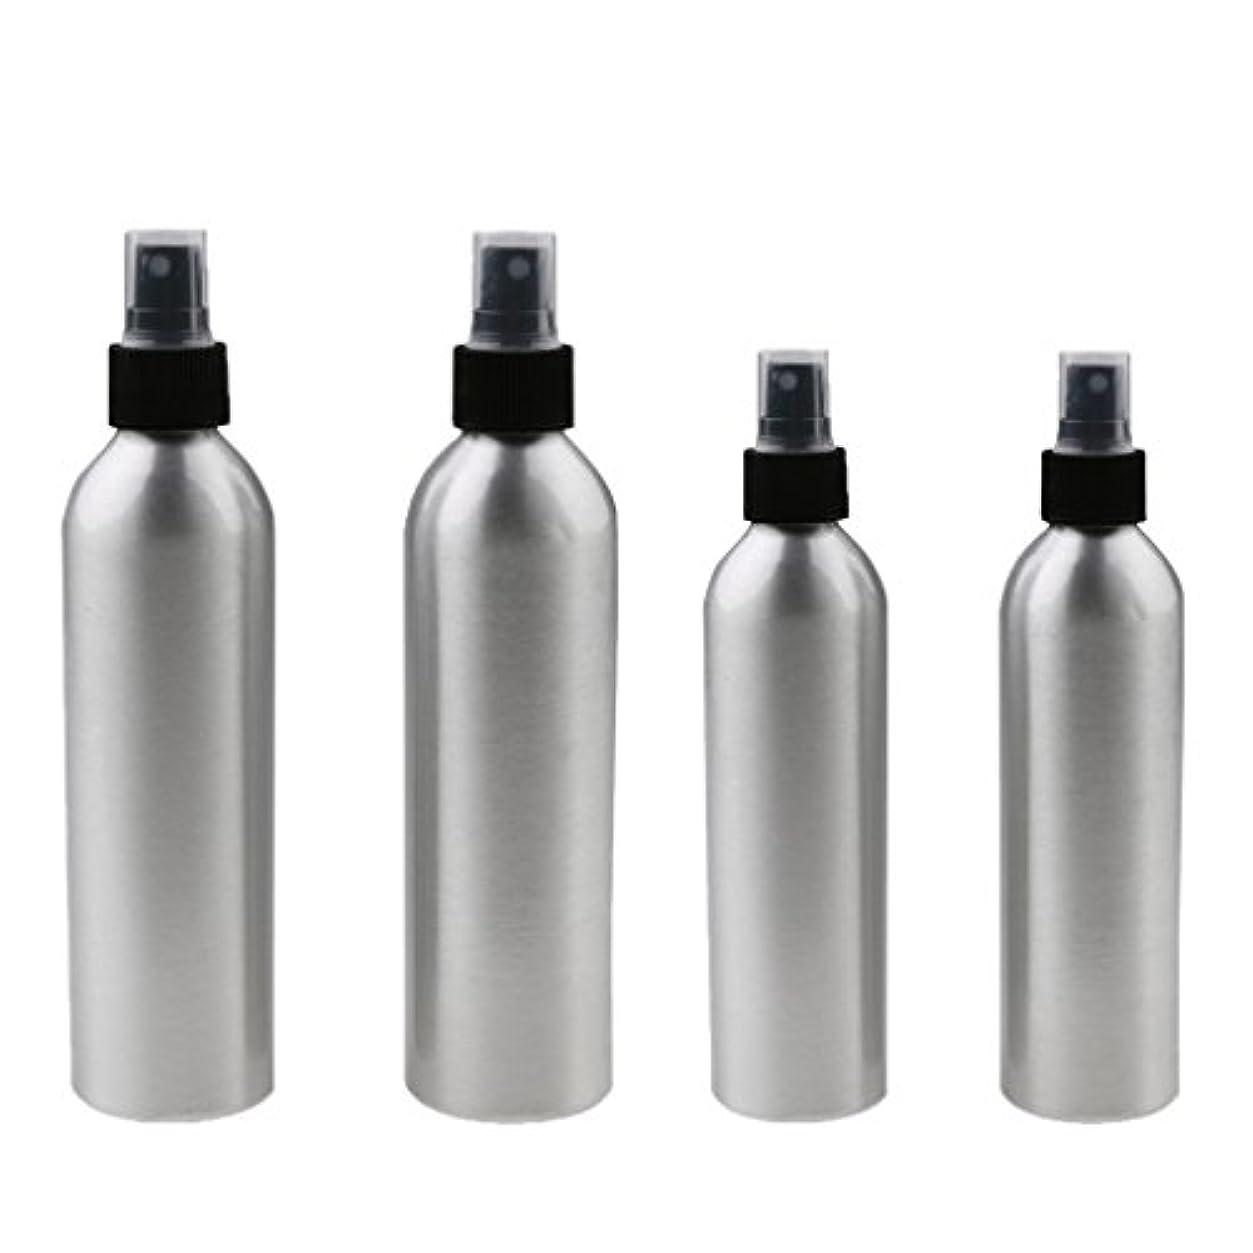 気がついて柔らかさ先見の明Kesoto 4本入り スプレーボトル 100mlと150ml各2本 アルミミスト スプレー 香水 ボトル スプレーアトマイザー